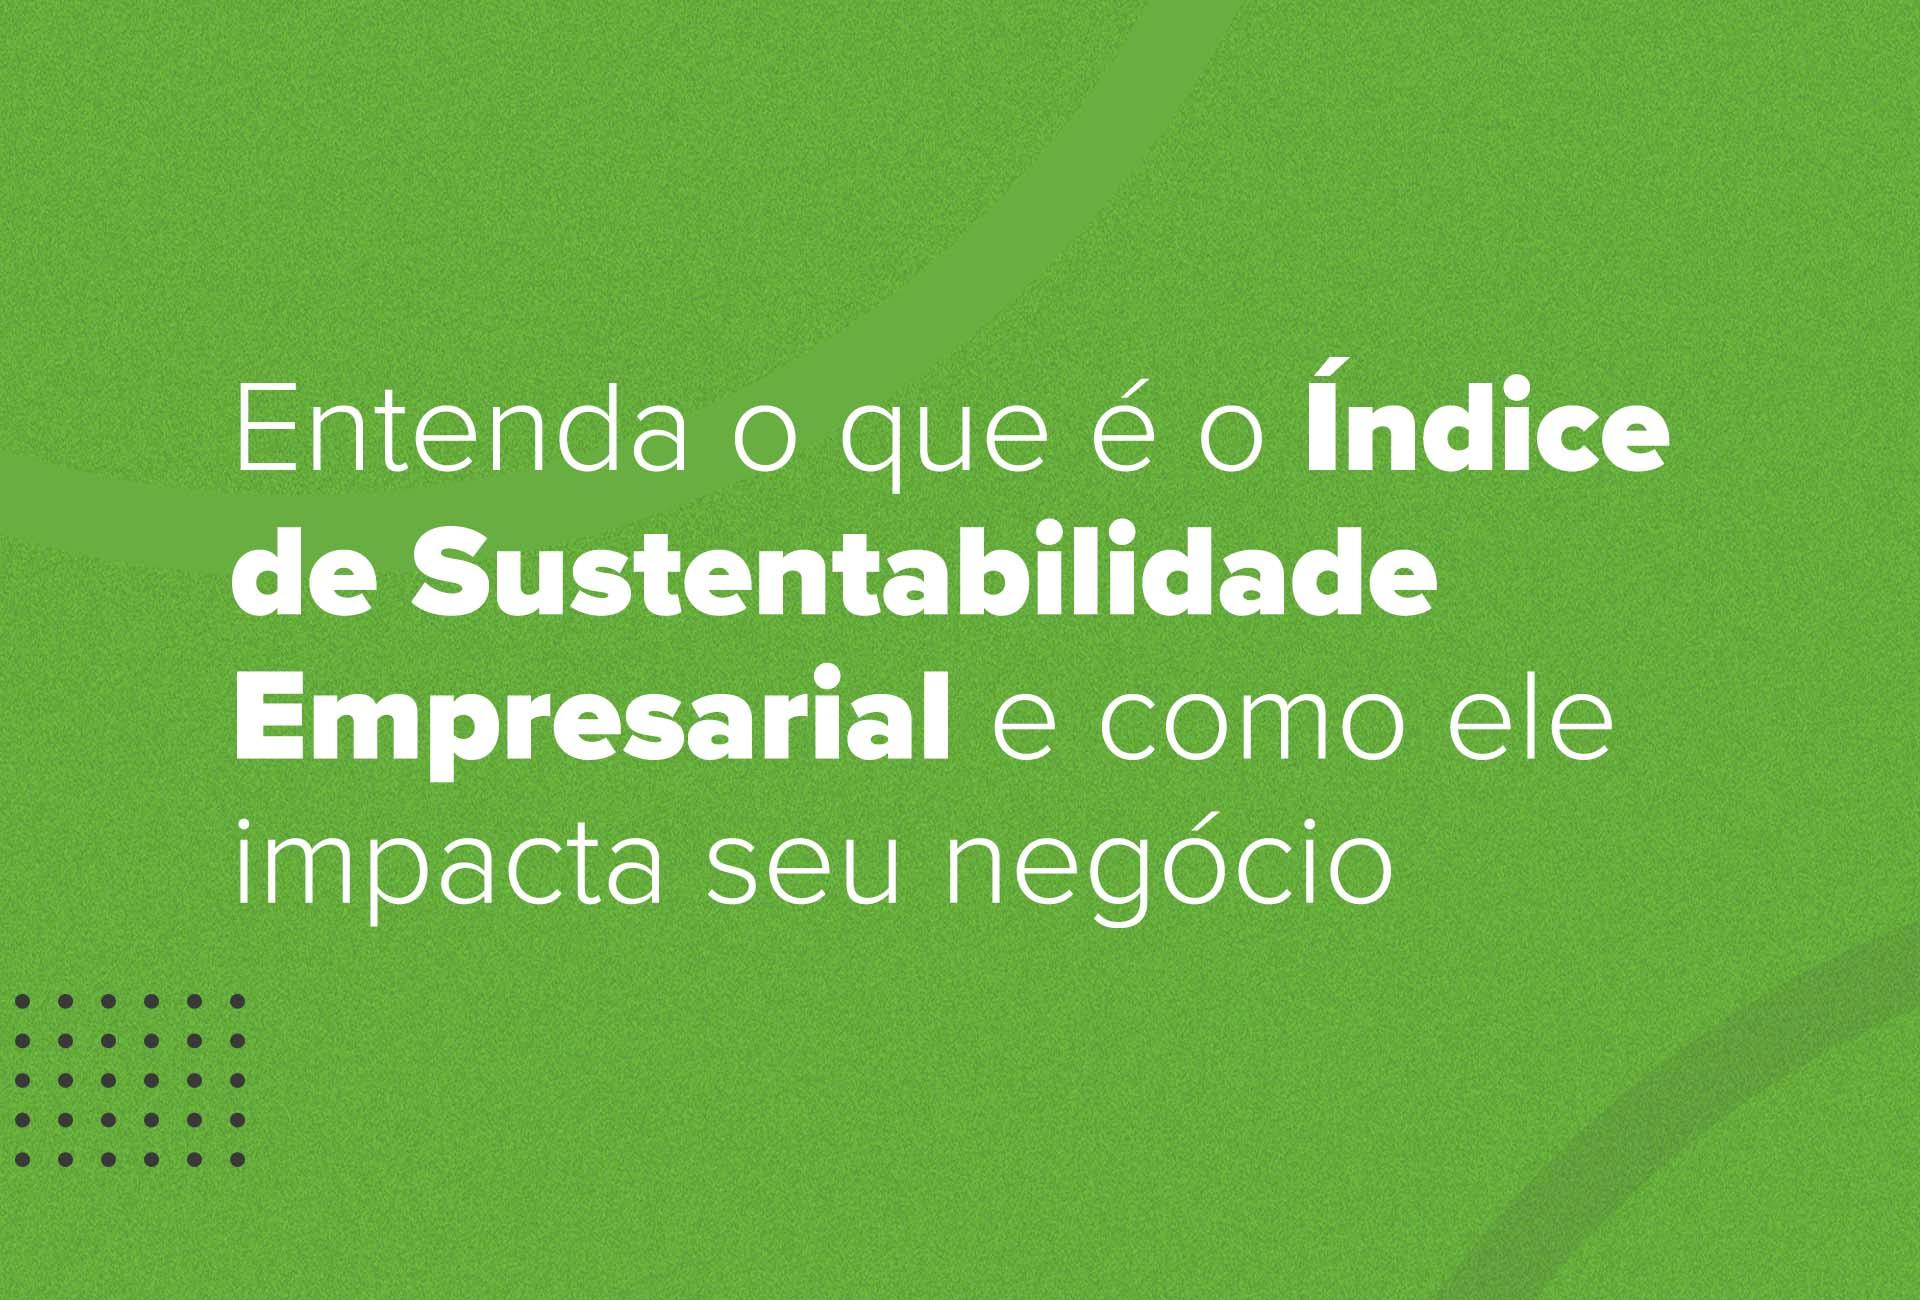 O que é o Índice de Sustentabilidade Empresarial e como ele impacta seu negócio